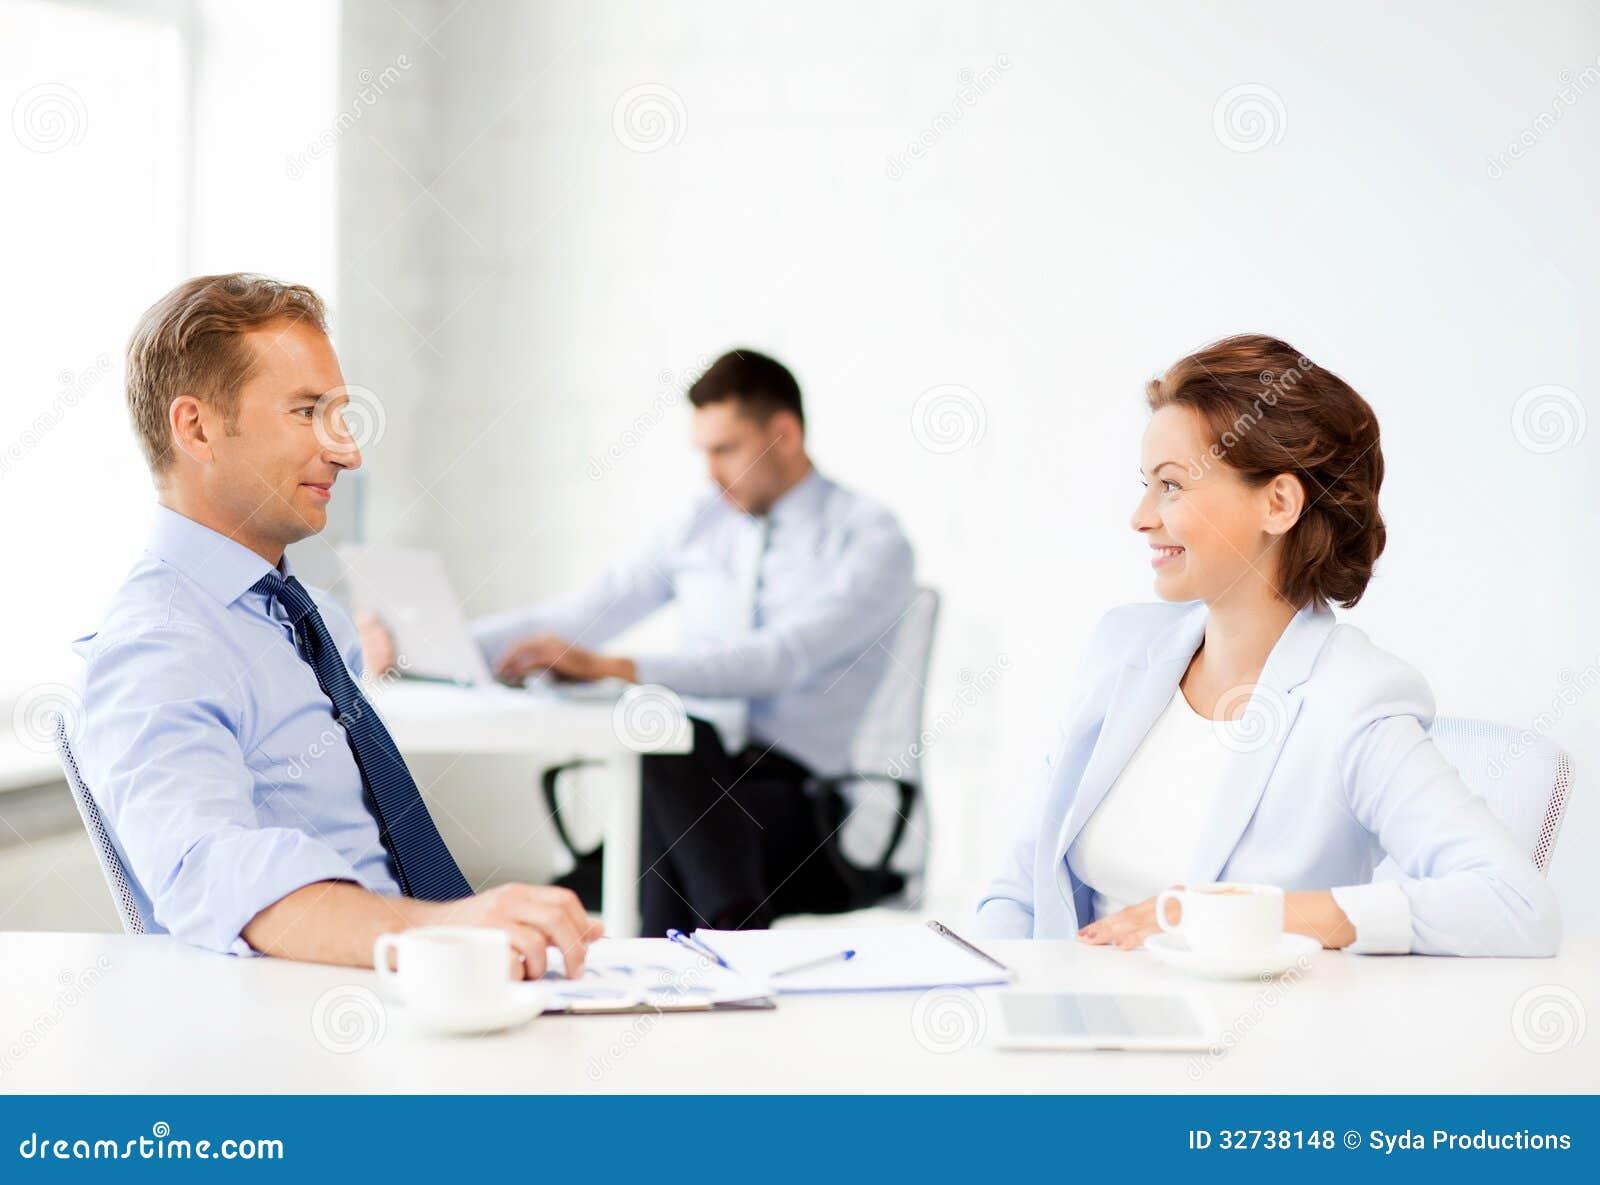 Homme et femme discutant quelque chose dans le bureau for Bureau homme